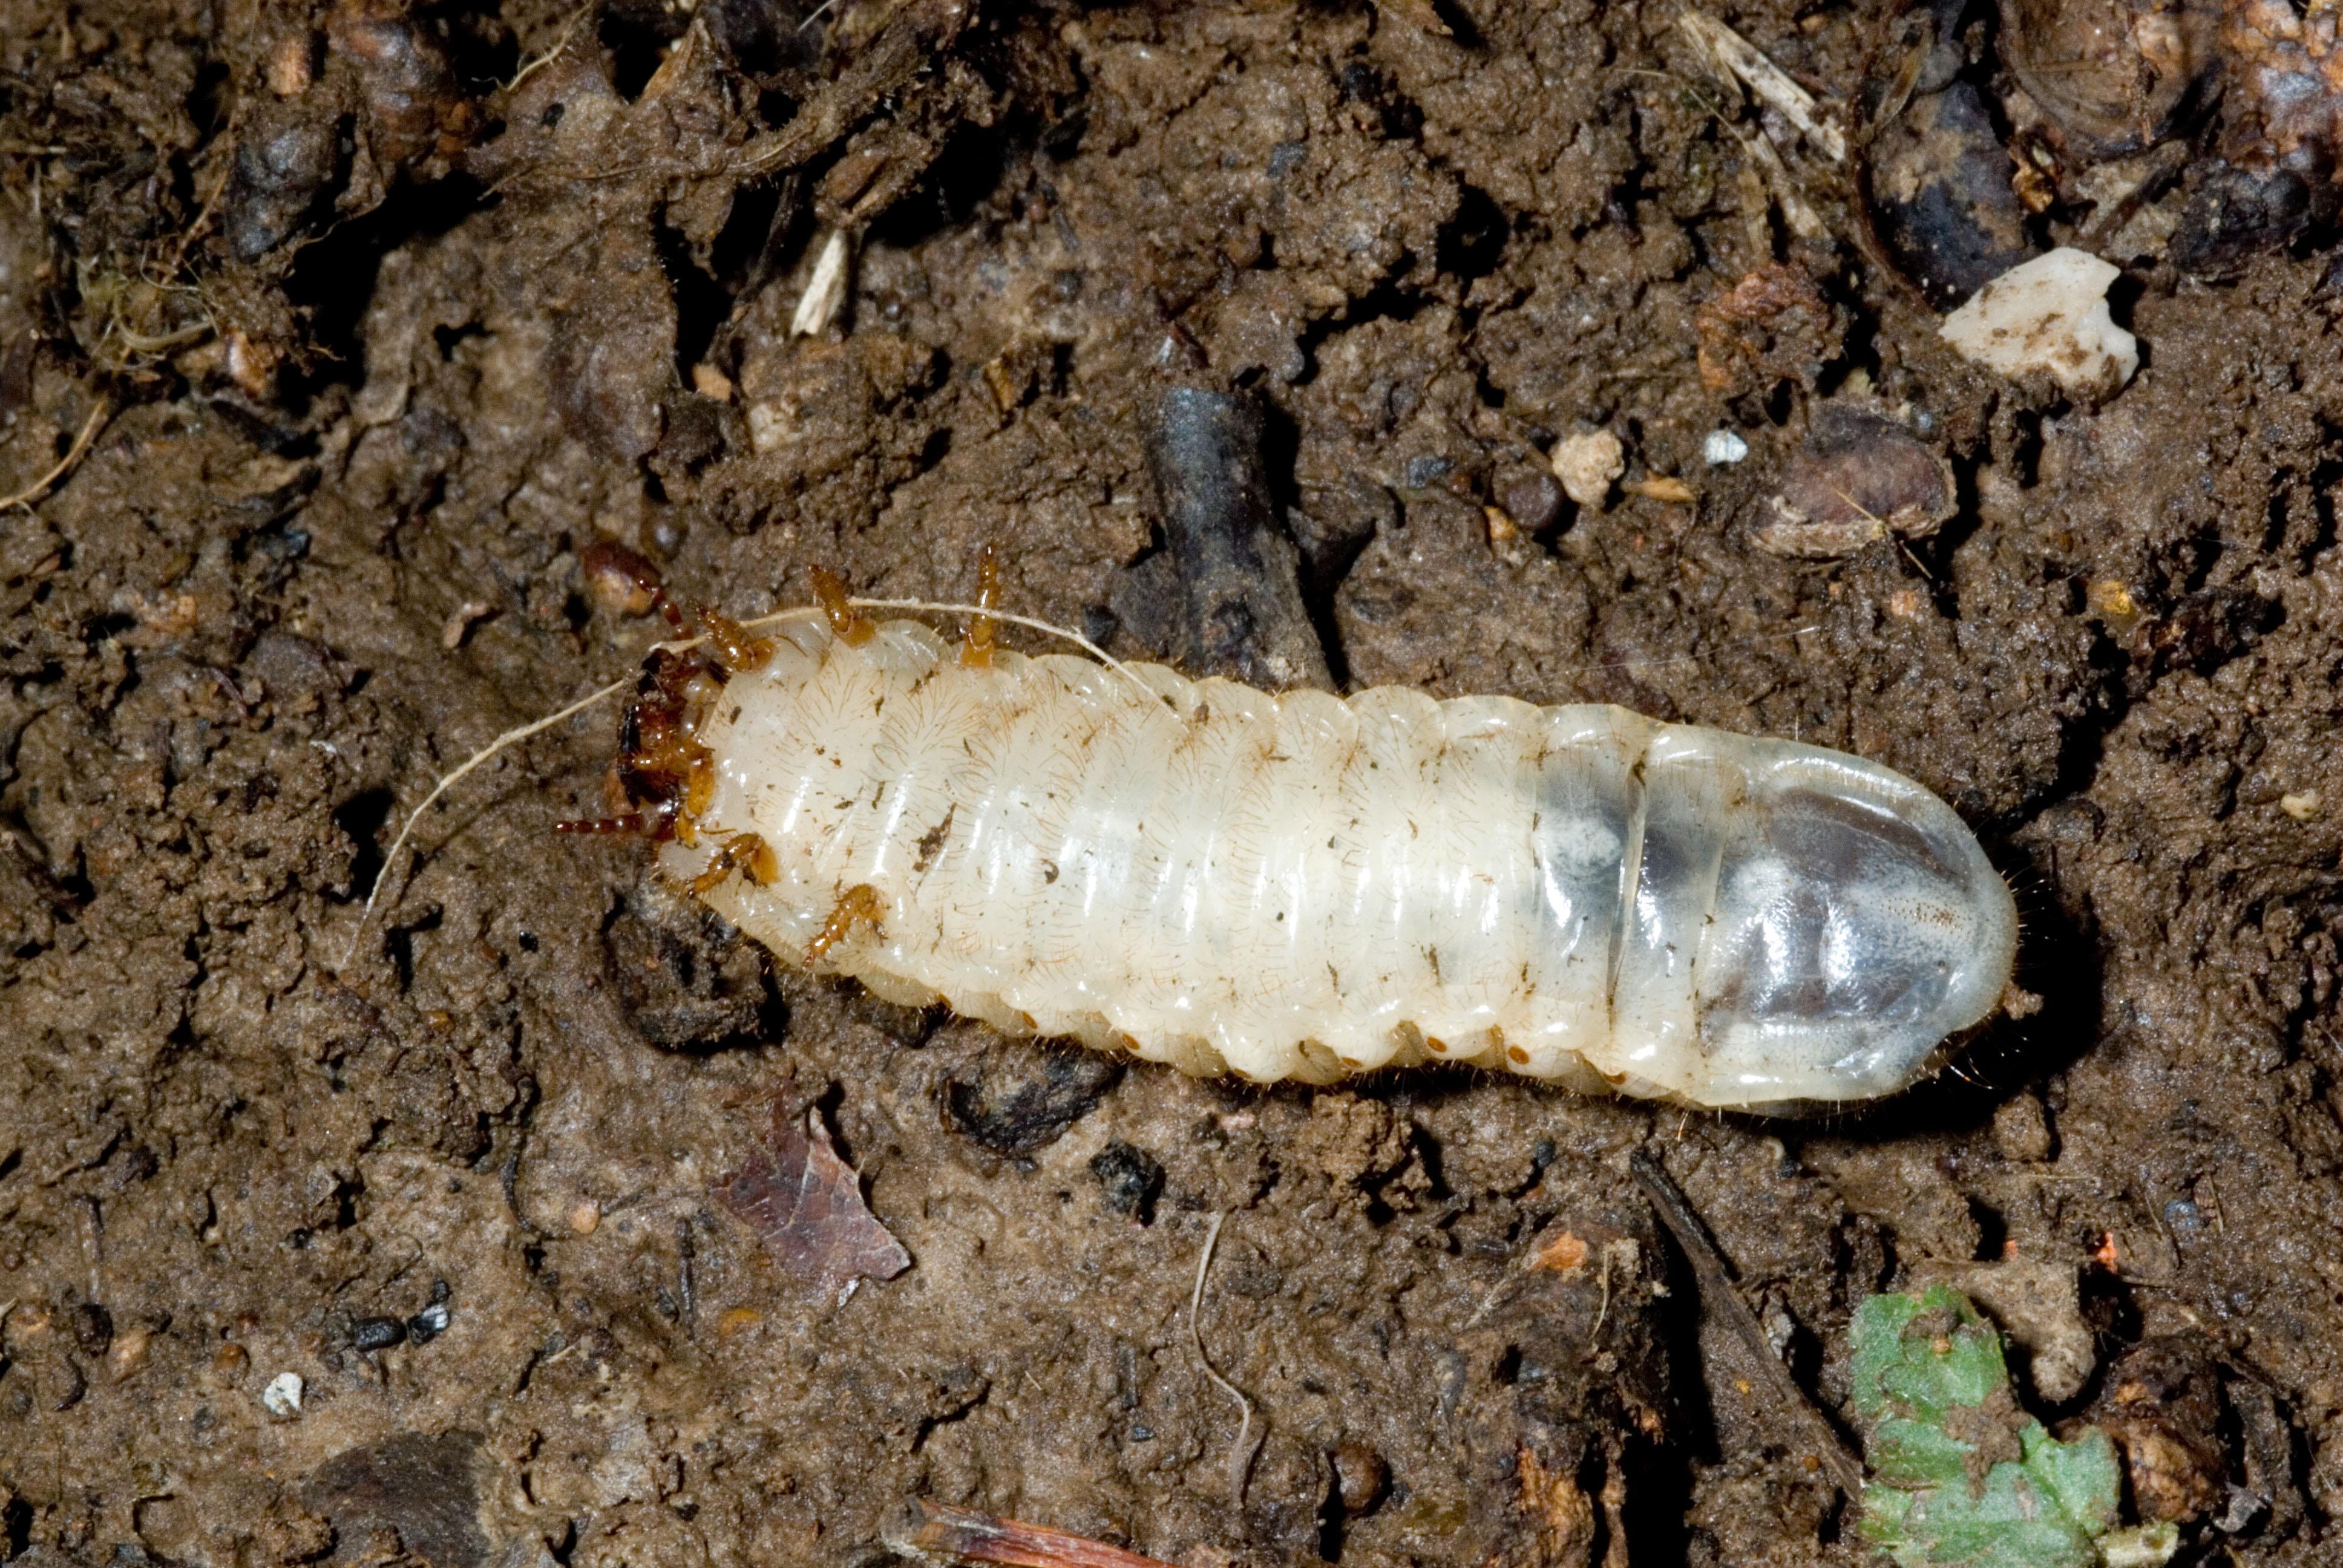 Green June Beetles larva